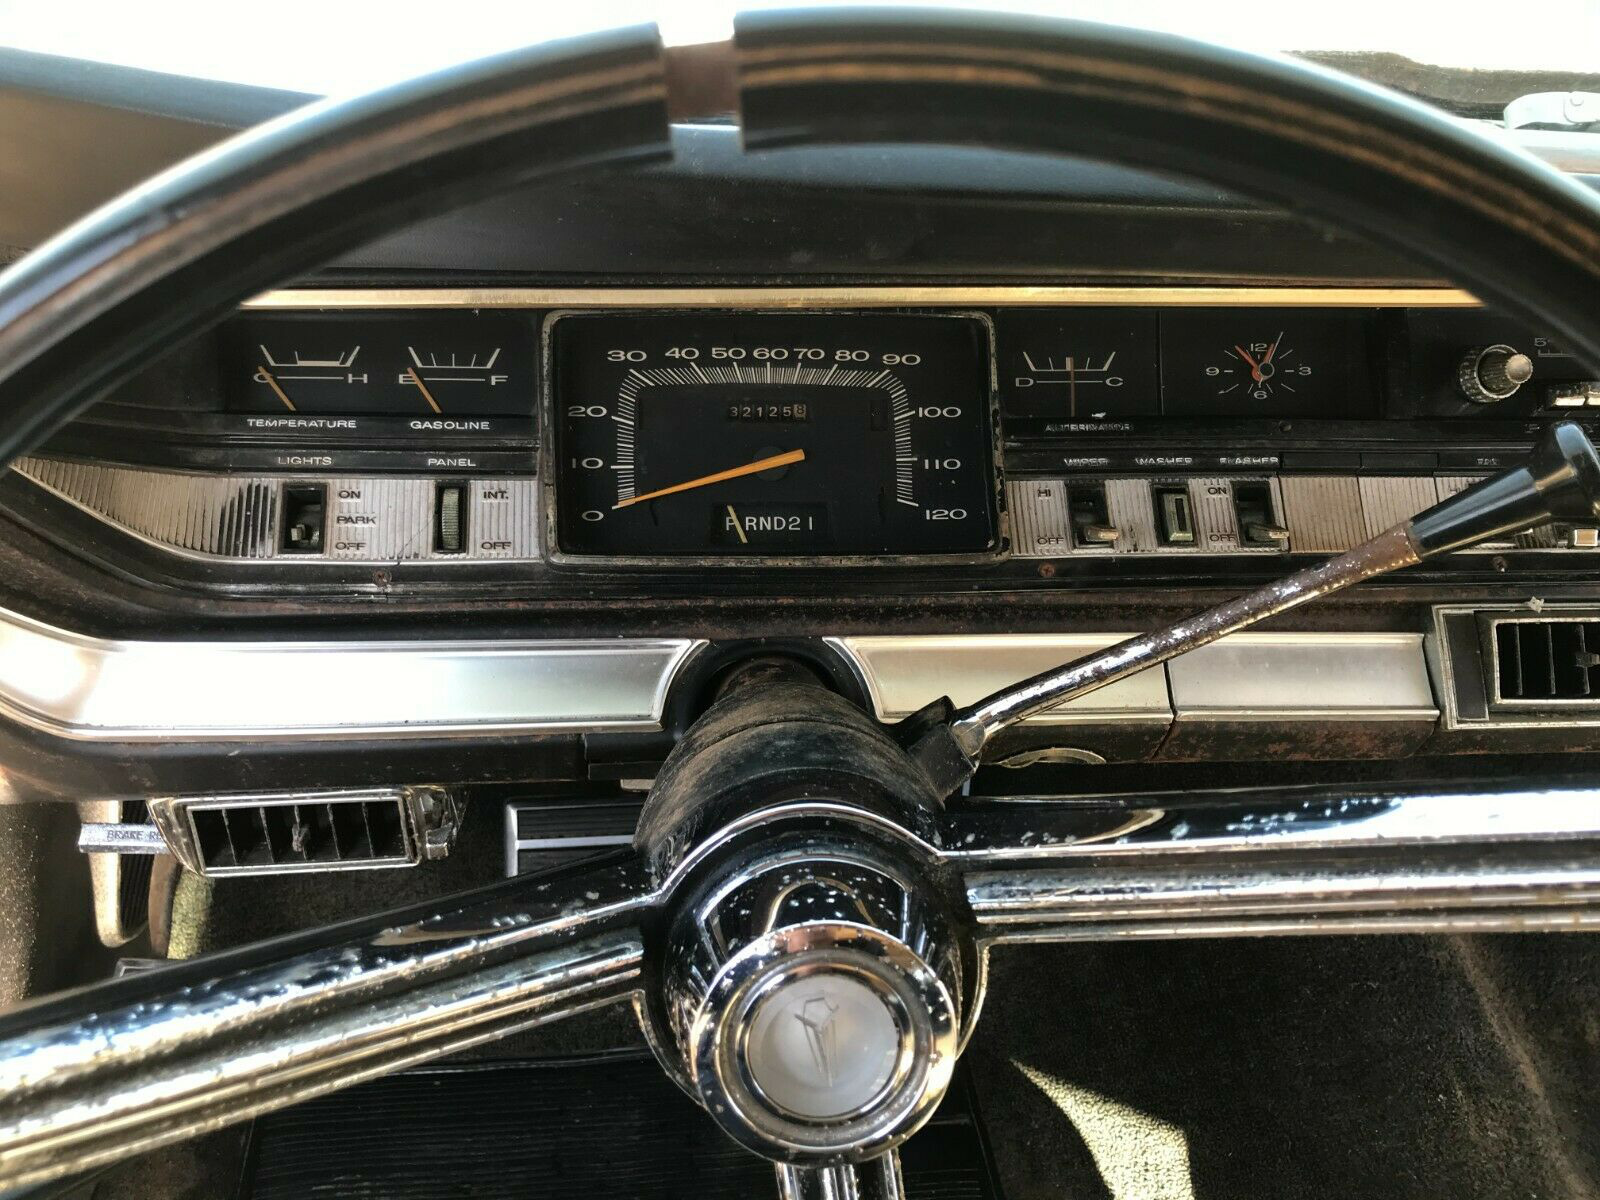 Plymouth Sport Fury 1967 nguyên bản được tìm thấy trong chuồng gà sau 20 năm - Ảnh 4.